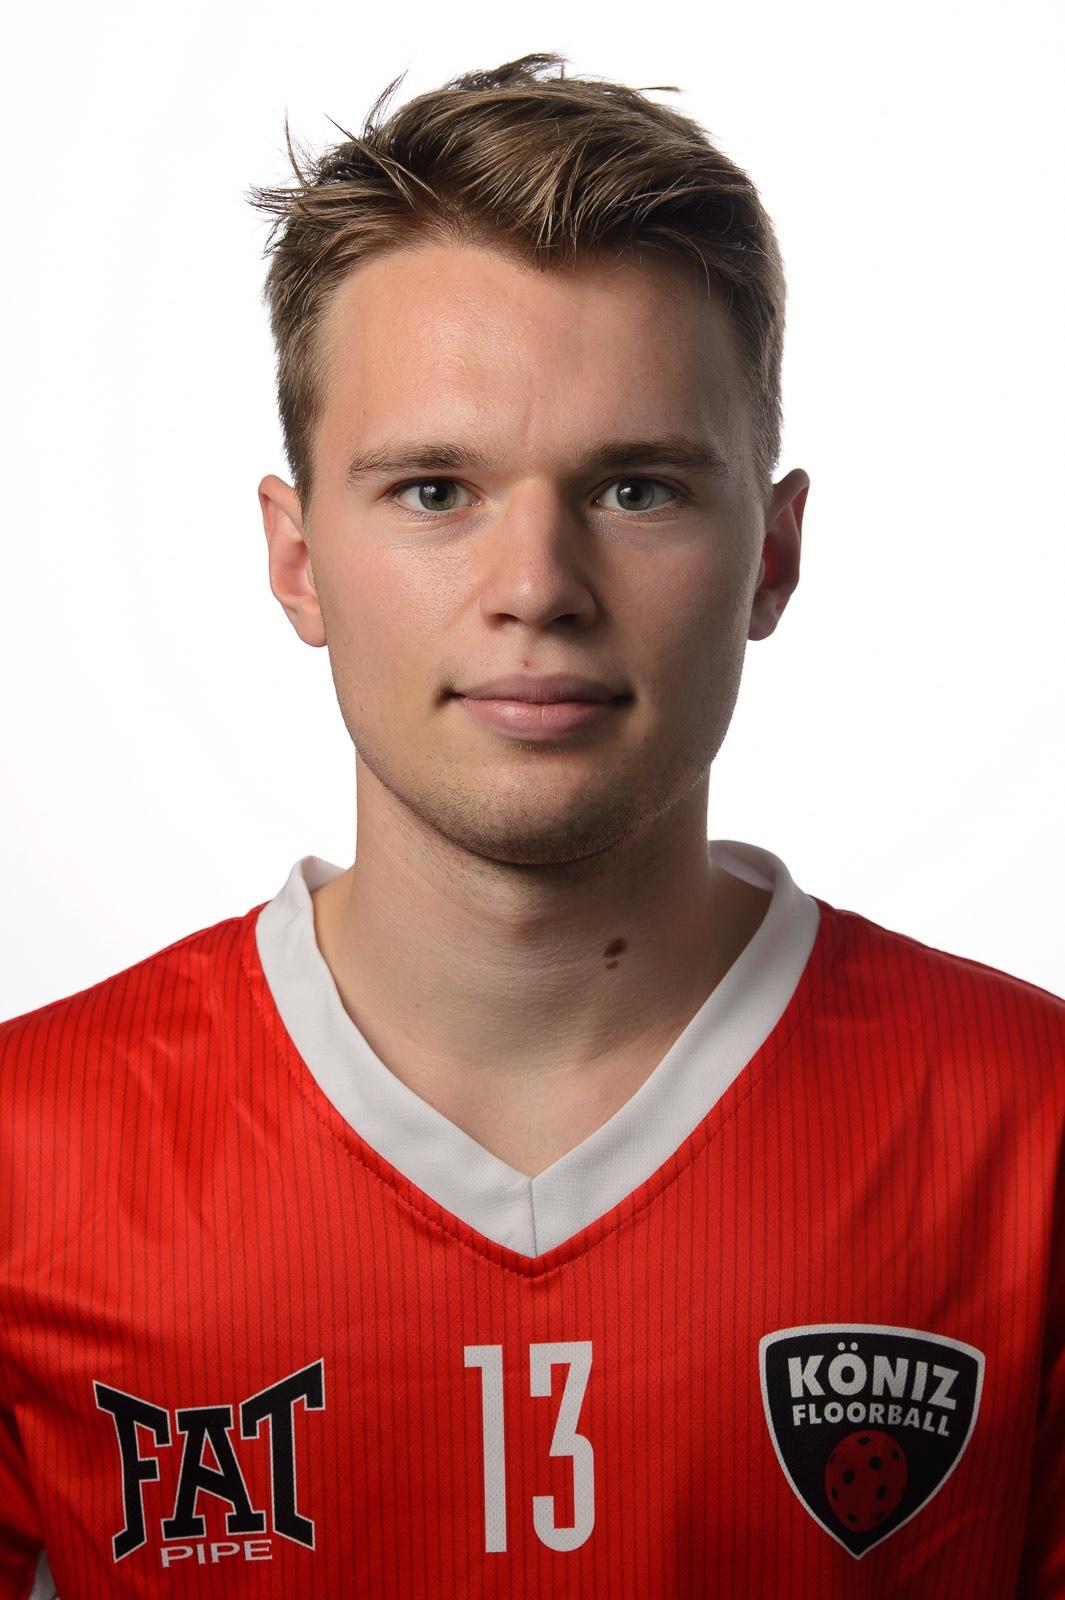 #13 Alexander Bär